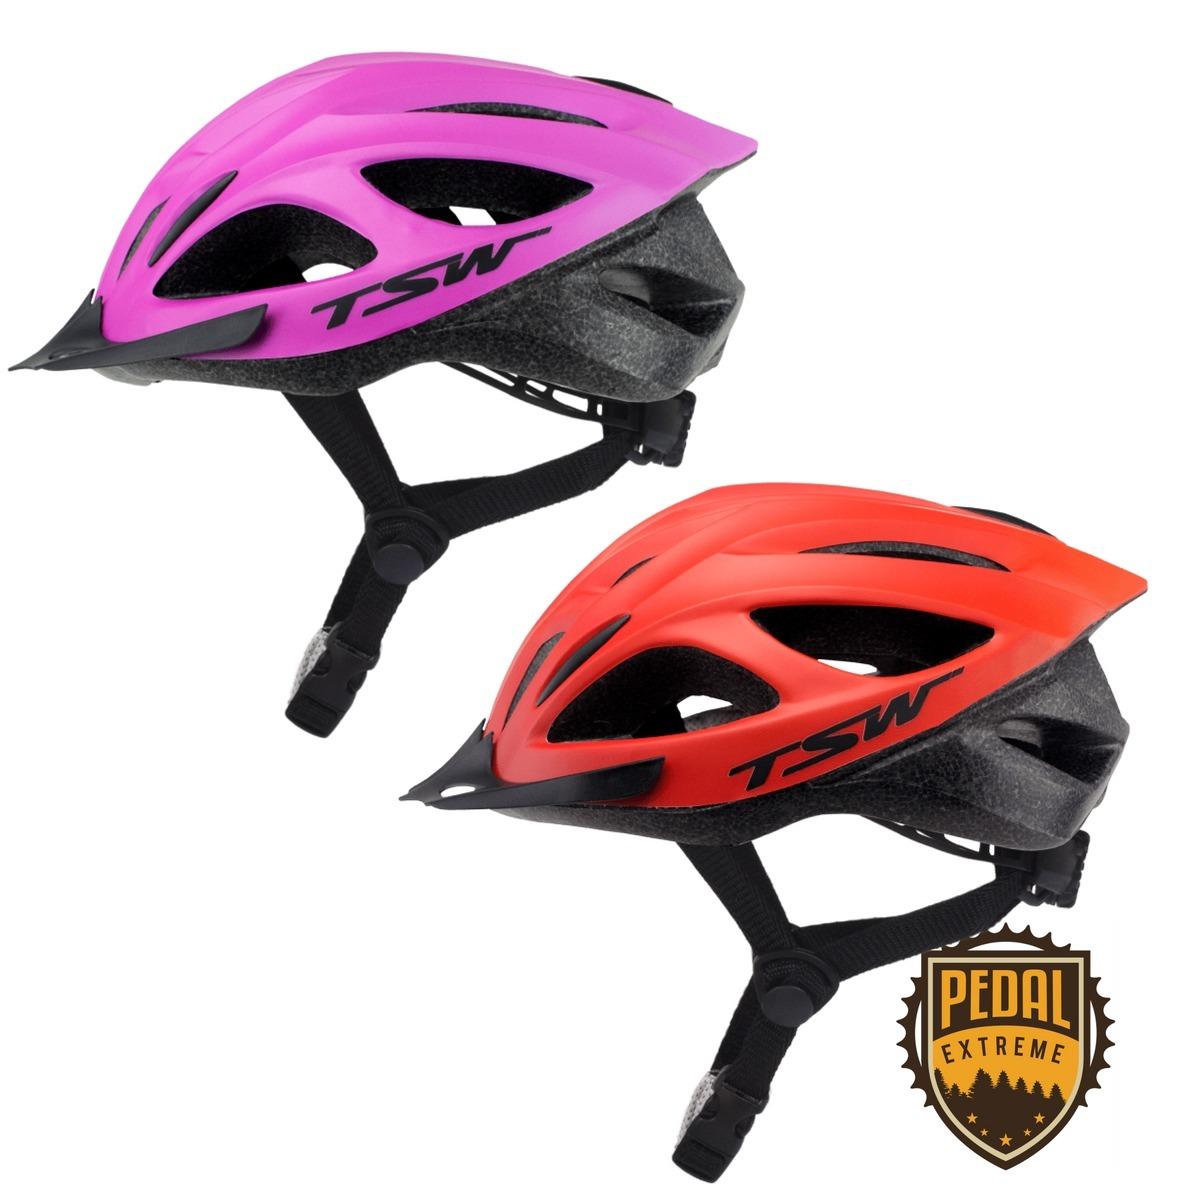 0c8e49449 kit ciclismo dois capacete ciclista bicicleta com led tsw 1. Carregando  zoom.